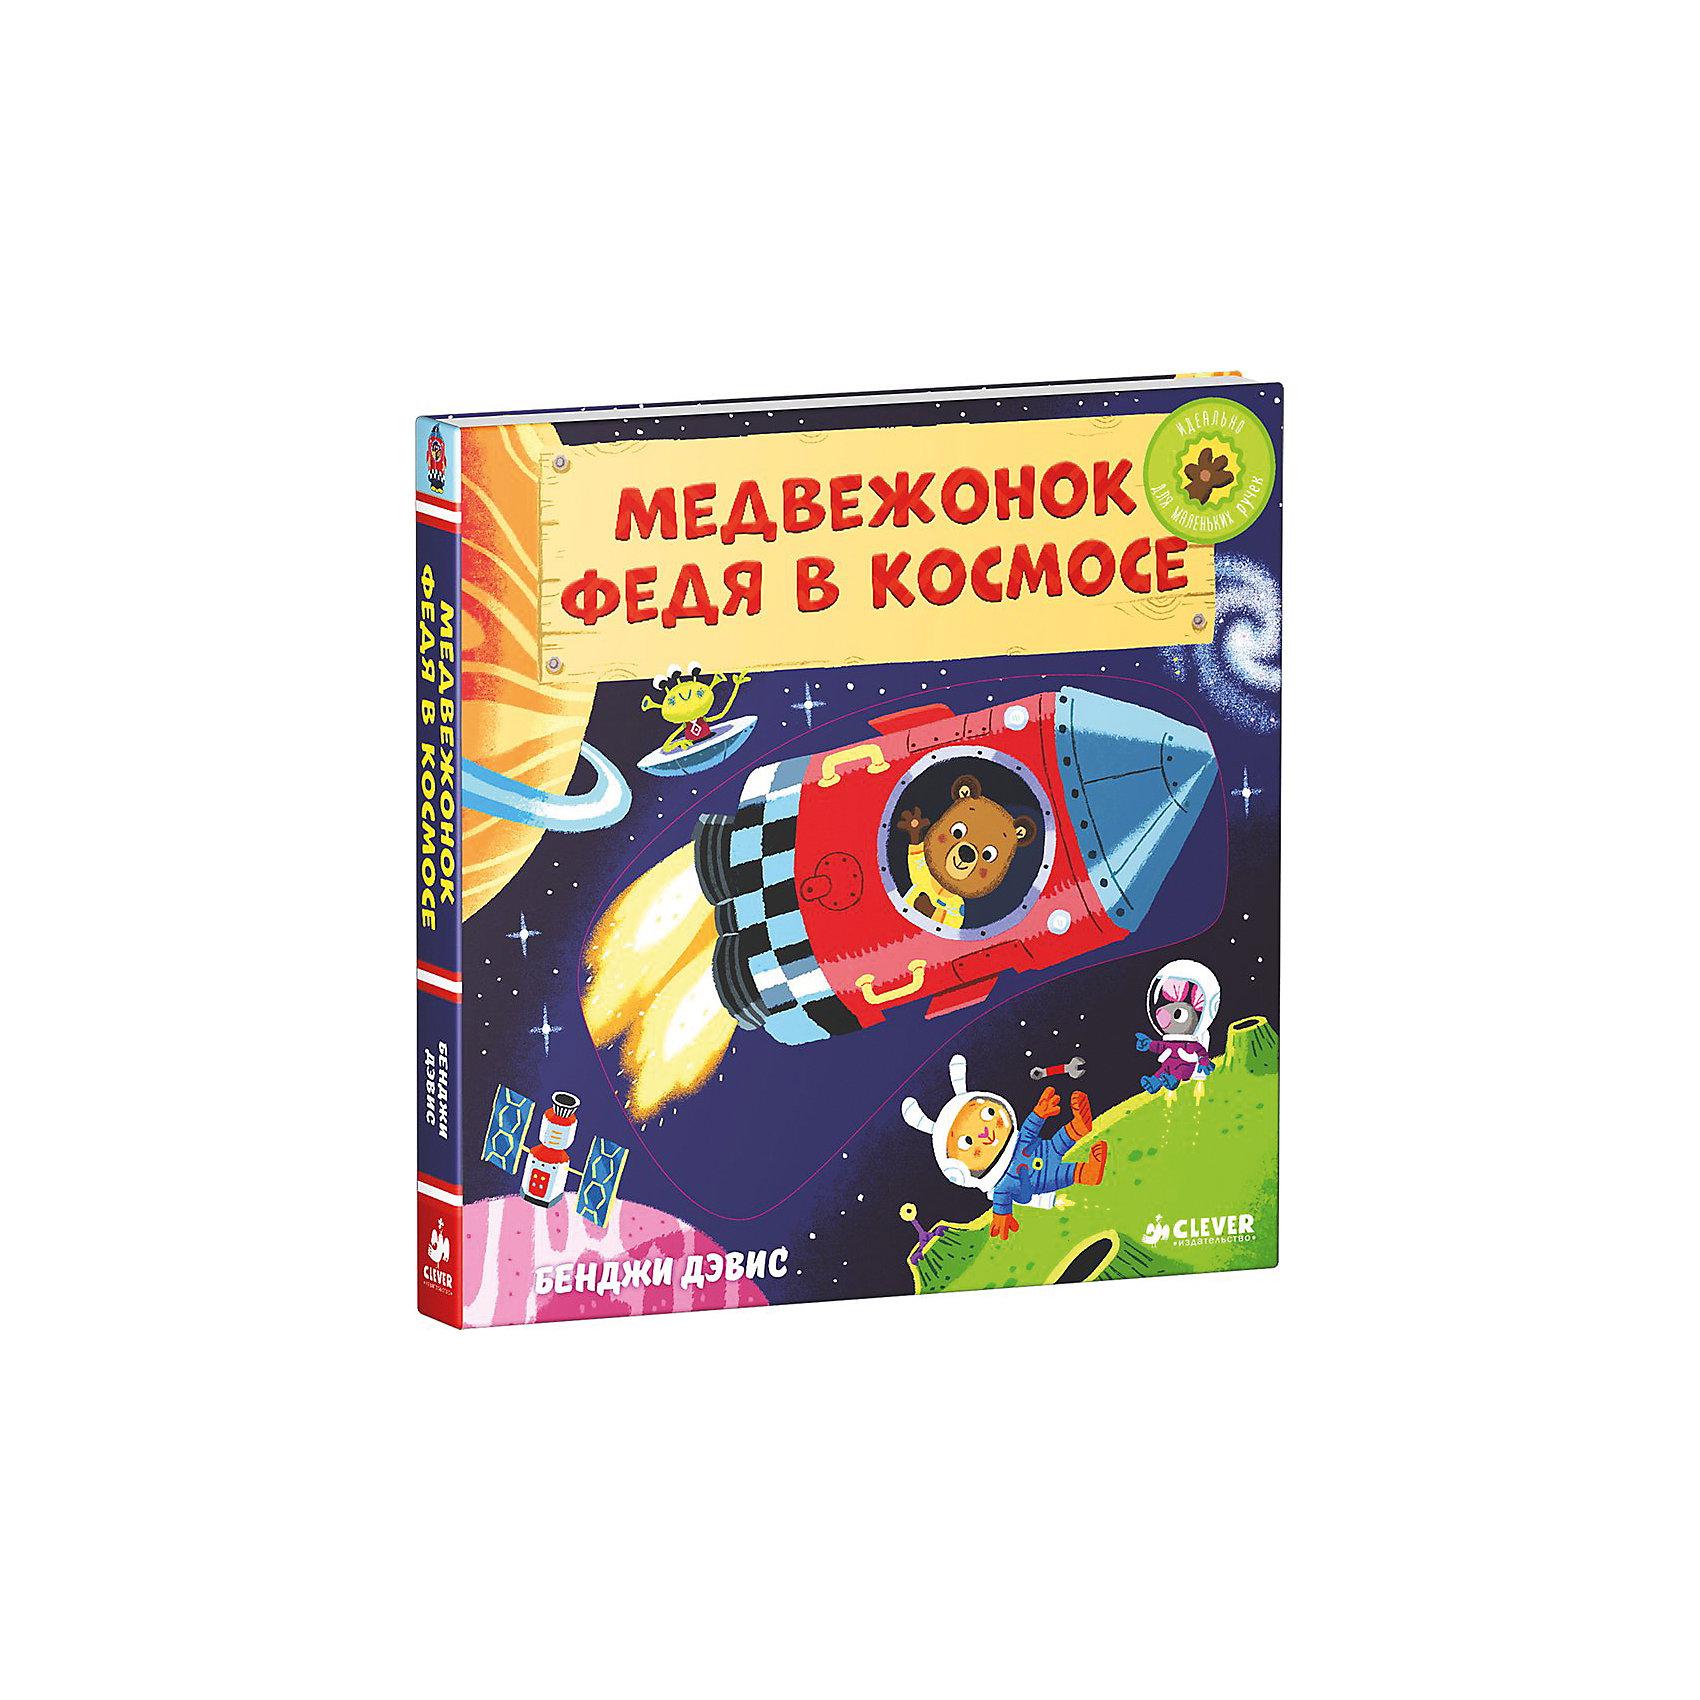 Книга Медвежонок Федя в космосеКнига Медвежонок Федя в космосе - это книжка-игрушка с движущимися элементами для малышей от 1 года до 3 лет.<br>Книга Медвежонок Федя в космосе – это увлекательная книга о медвежонке Феде, который летит на Луну вместе со своими друзьями. Читайте веселые стихи и выполняйте задания. Расскажите ребенку о строении нашей планеты, о космосе, звездах и небесных телах. Яркие и красочные иллюстрации вам помогут познакомить ребенка с невесомостью, а также рассказать, зачем космонавты облачаются в скафандры и как выглядит поверхность Луны.  У книги удобный формат и плотные картонные страницы с движущимися элементами.<br><br>Дополнительная информация:<br><br>- Автор: Дэвис Бенджи<br>- Переводчик: Фокина Юлия<br>- Издательство: Клевер Медиа Групп, 2016 г.<br>- Серия: Тяни, толкай, крути, читай<br>- Тип обложки: картонная обложка<br>- Оформление: вырубка, с подвижными элементами<br>- Иллюстрации: цветные<br>- Количество страниц: 8 (картон)<br>- Размер: 180x180x18 мм.<br>- Вес: 370 гр.<br><br>Книгу Медвежонок Федя в космосе можно купить в нашем интернет-магазине.<br><br>Ширина мм: 180<br>Глубина мм: 180<br>Высота мм: 15<br>Вес г: 285<br>Возраст от месяцев: 12<br>Возраст до месяцев: 36<br>Пол: Унисекс<br>Возраст: Детский<br>SKU: 4621990